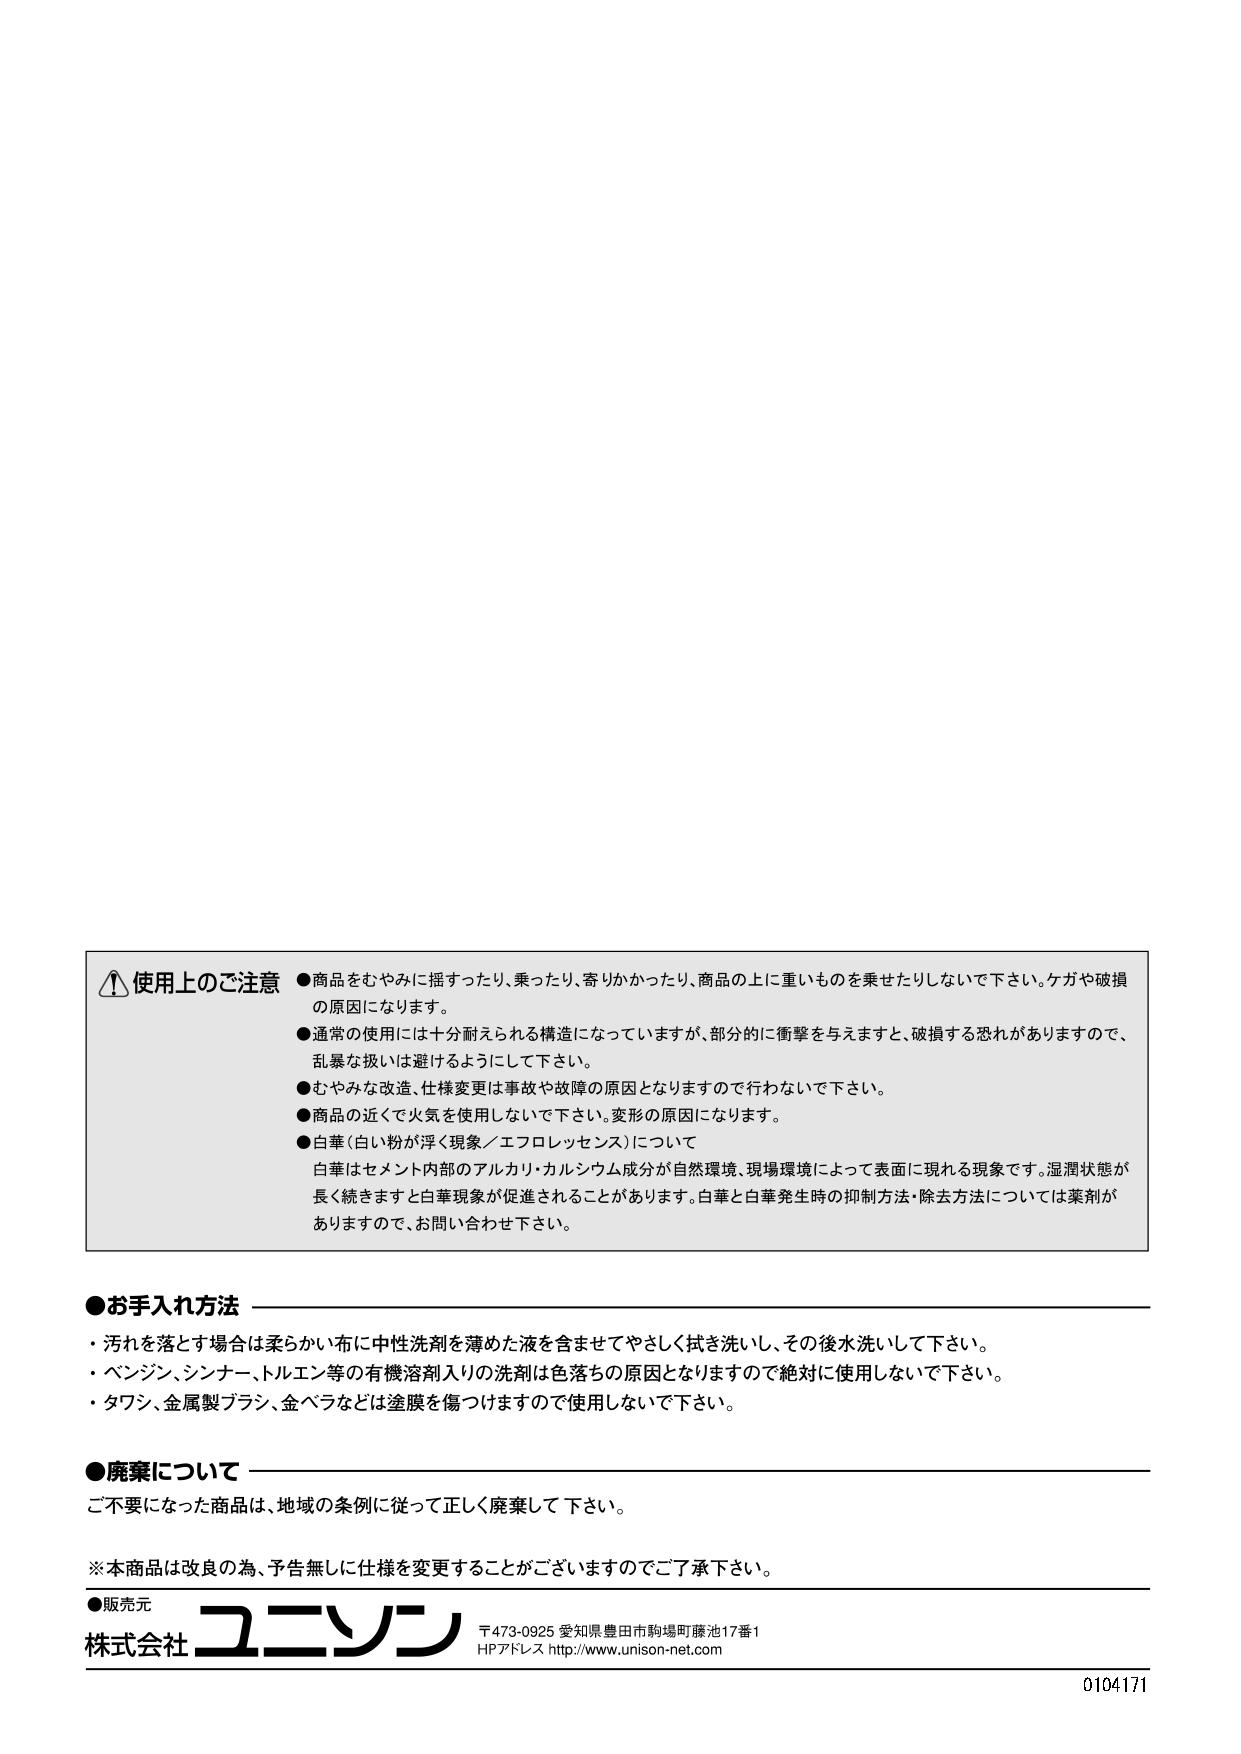 ファミアージュアクシス_取扱説明書_page-0004